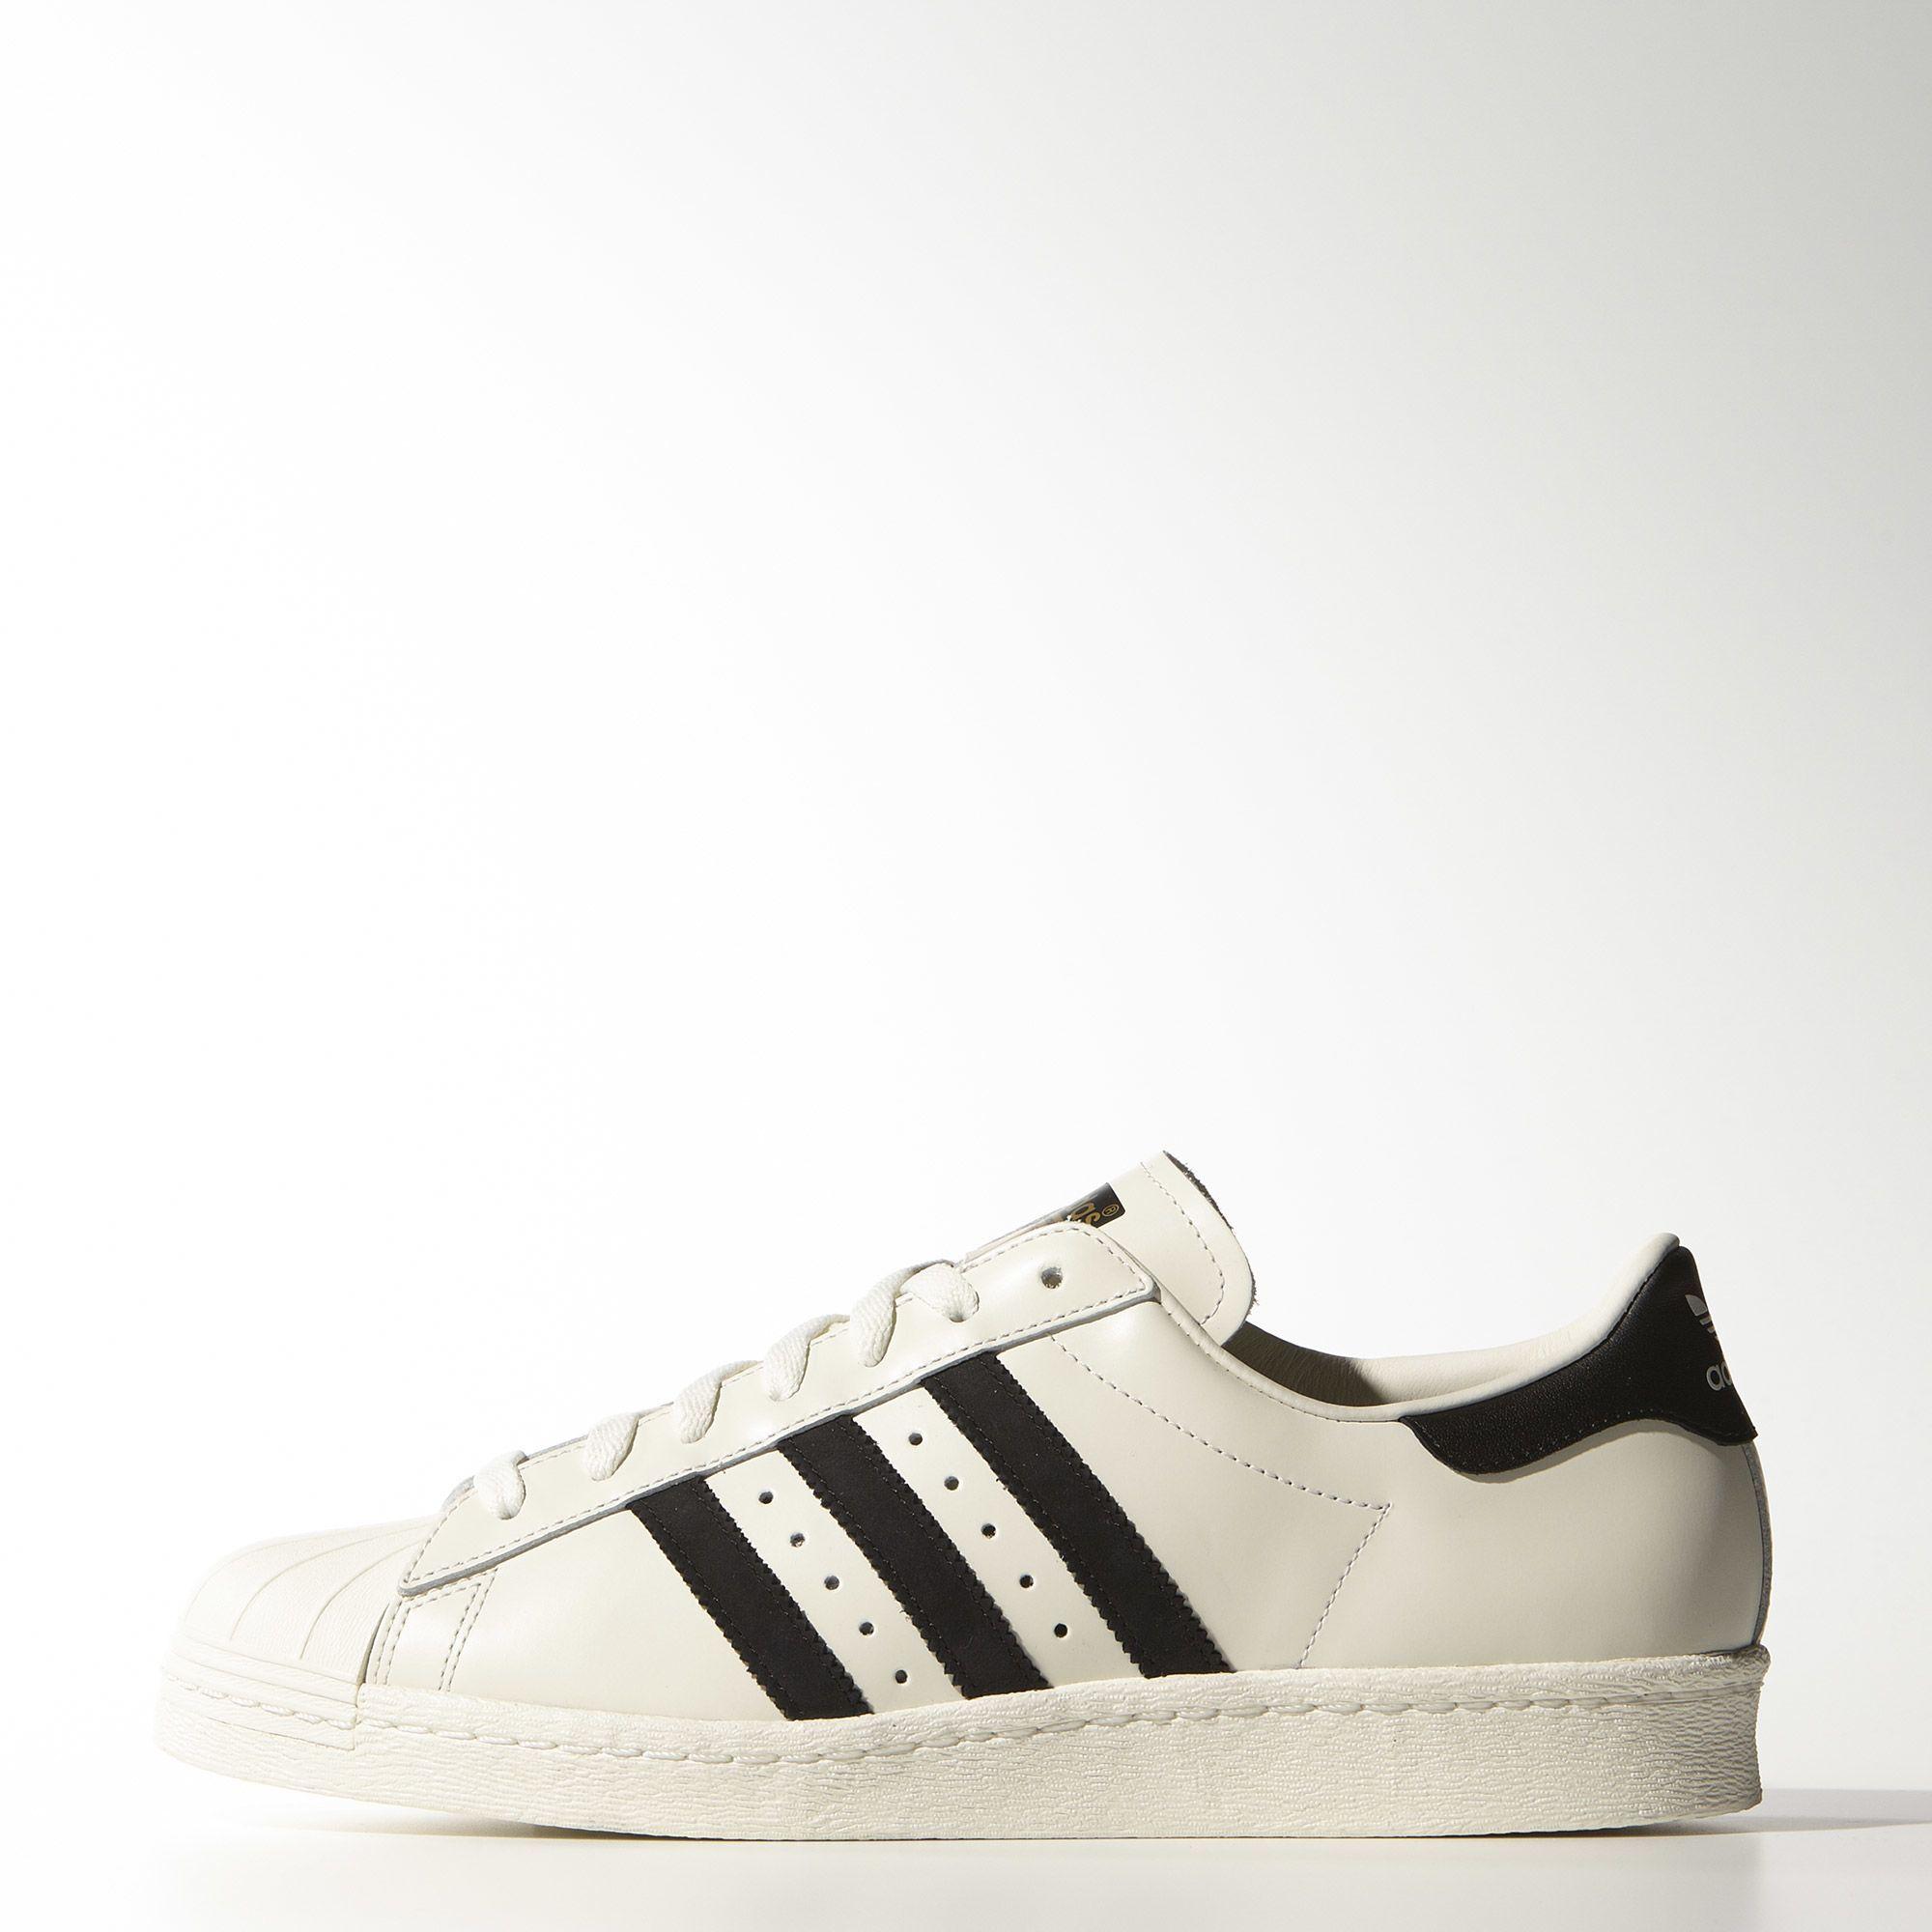 Al sinds de jaren 80 domineert de adidas Superstar de